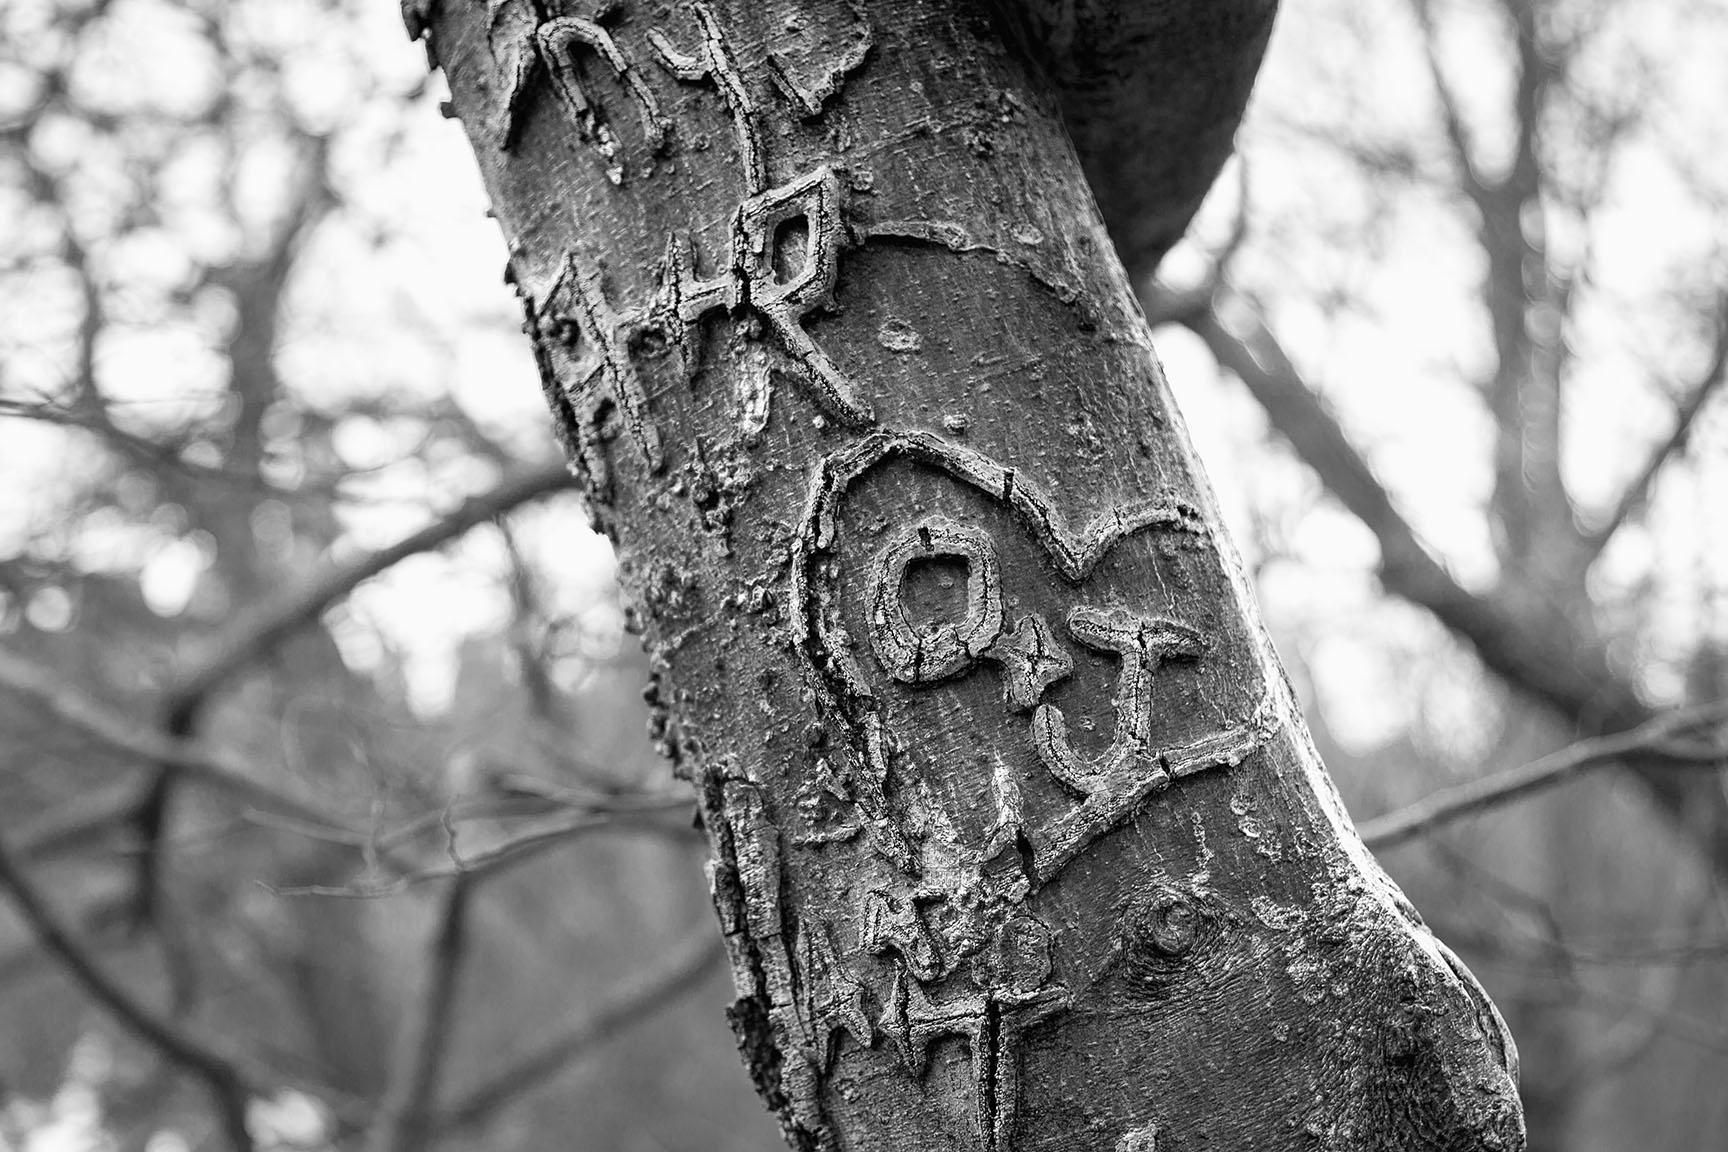 39_Tattoo Tree_7464-BLOG